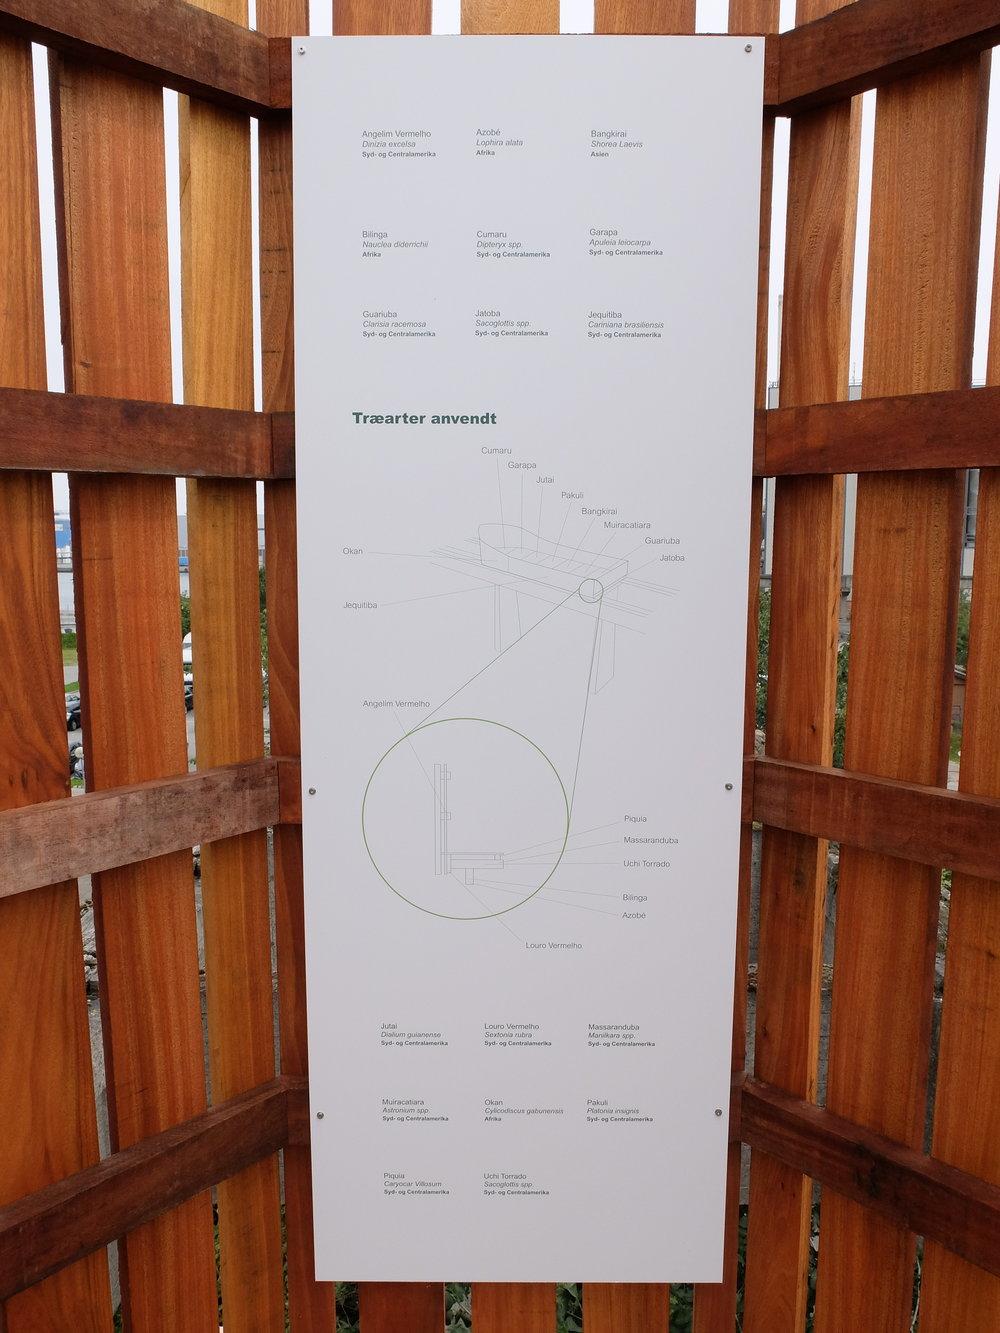 De forskellige træarter, der er anvendt i projektet.